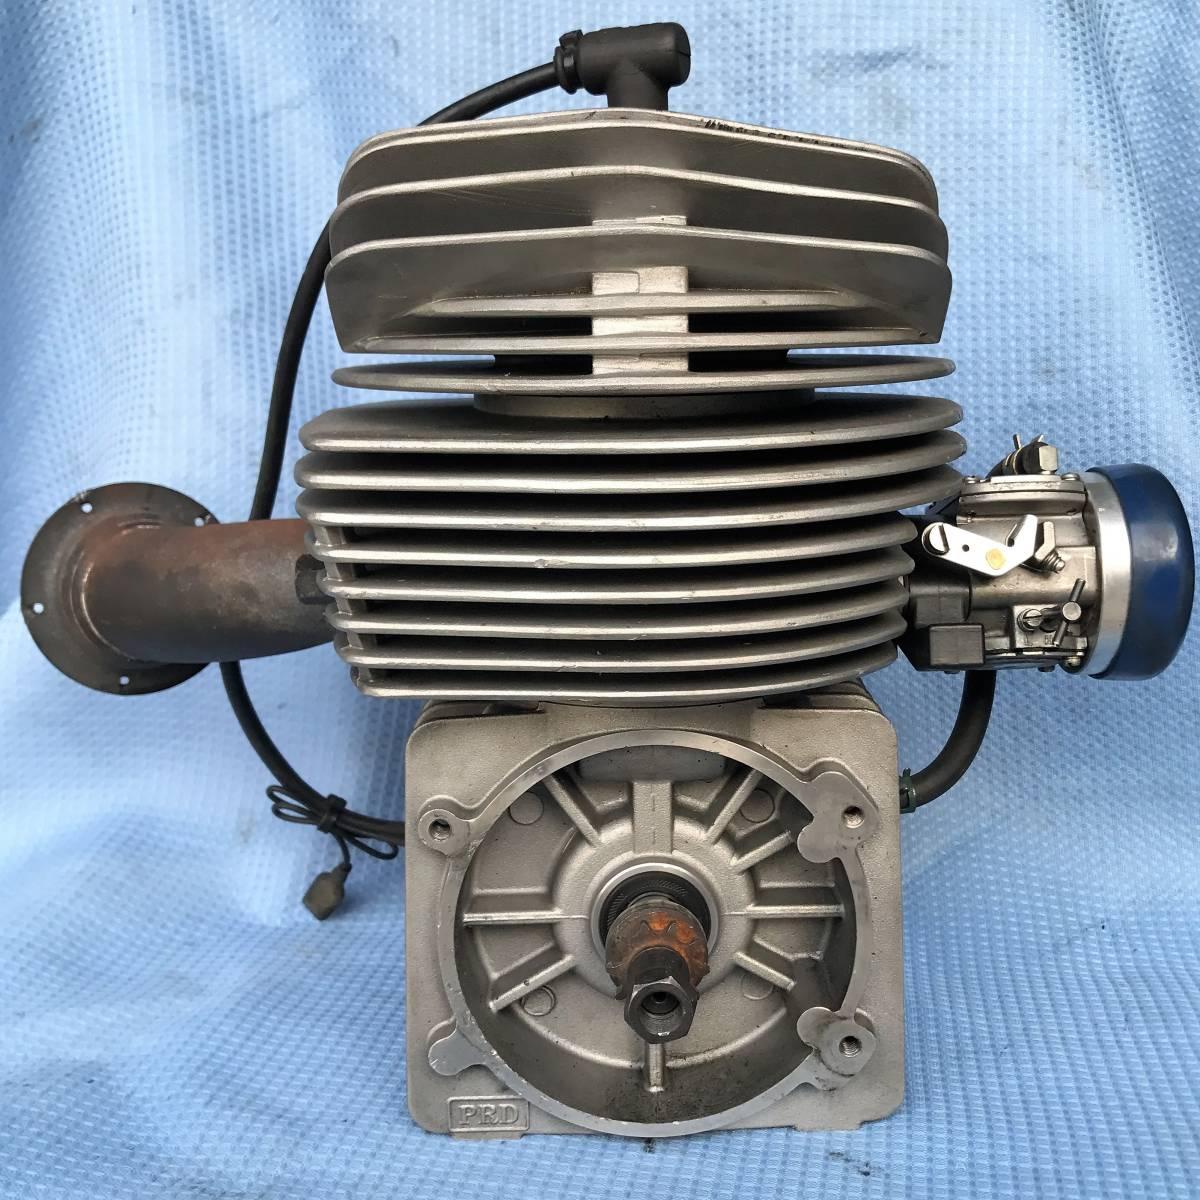 即決 PRD RK100 始動確認 エビデンスあり レーシングカート エンジン 周辺パーツもご用意できます_画像1